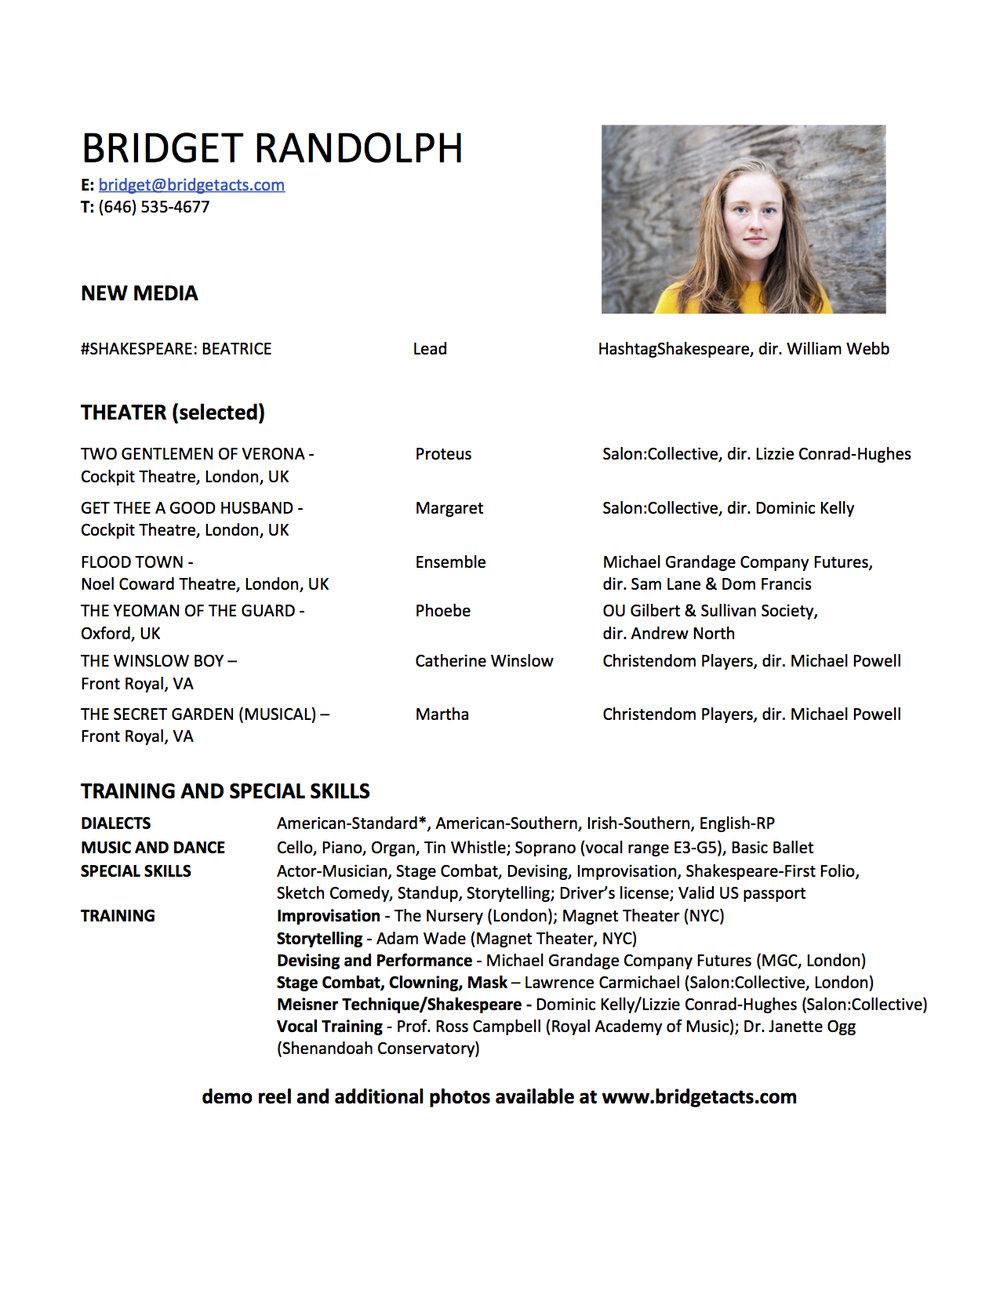 Bridget Randolph Performer CV